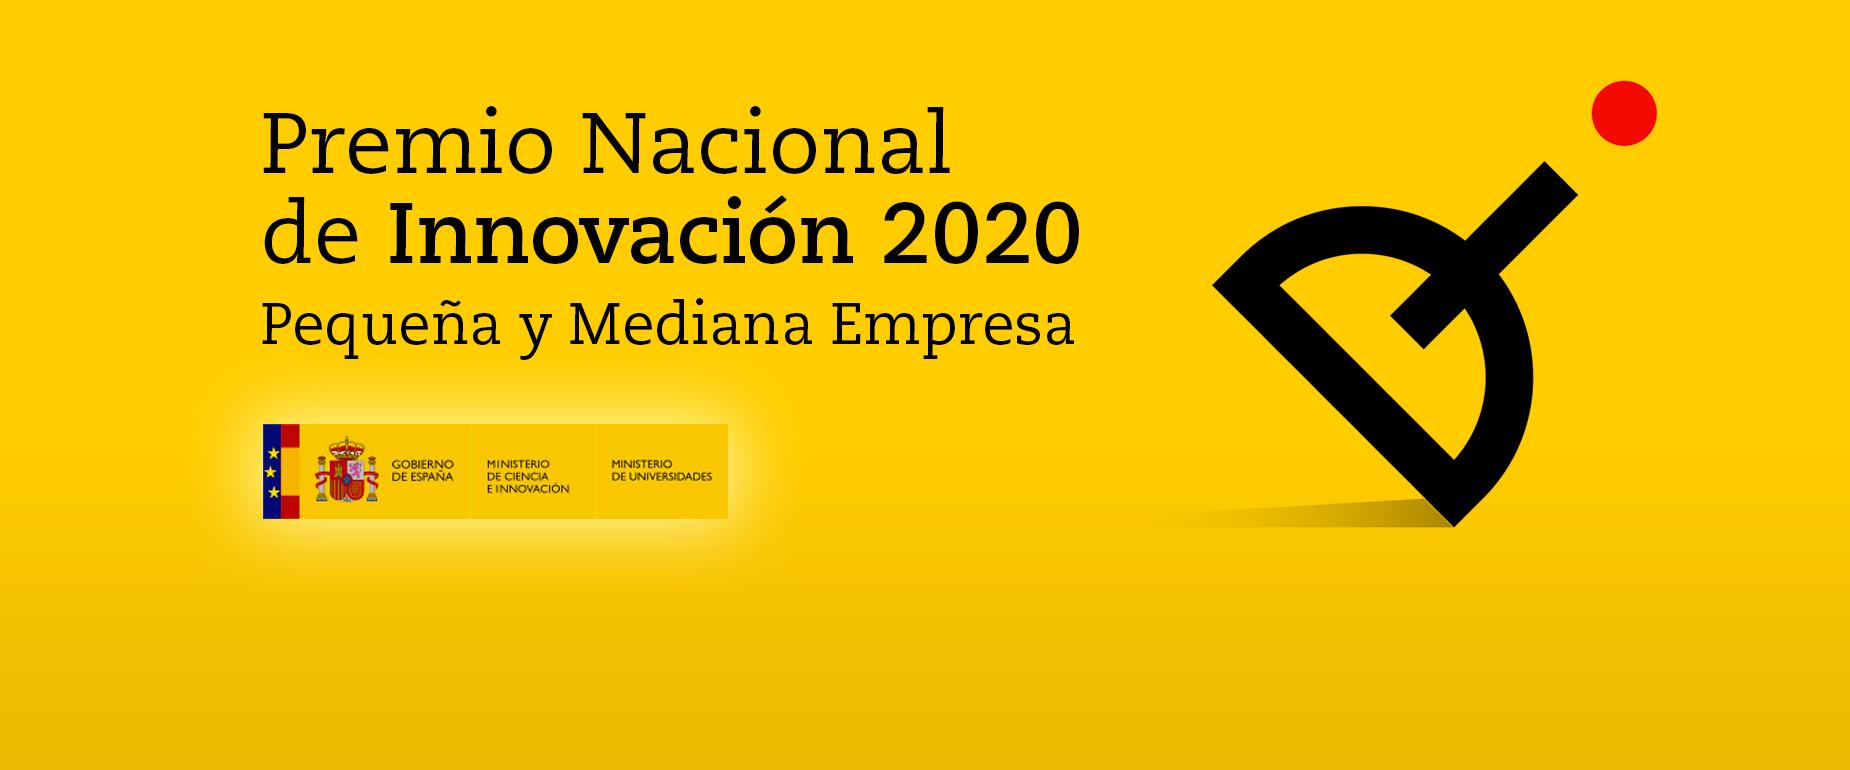 Seipasa Premio Nacional de Innovación 2020